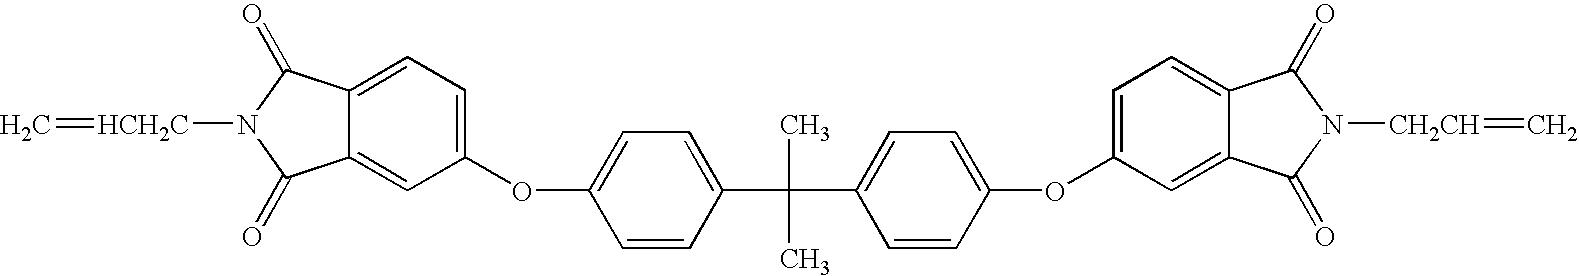 Figure US20060052547A1-20060309-C00068